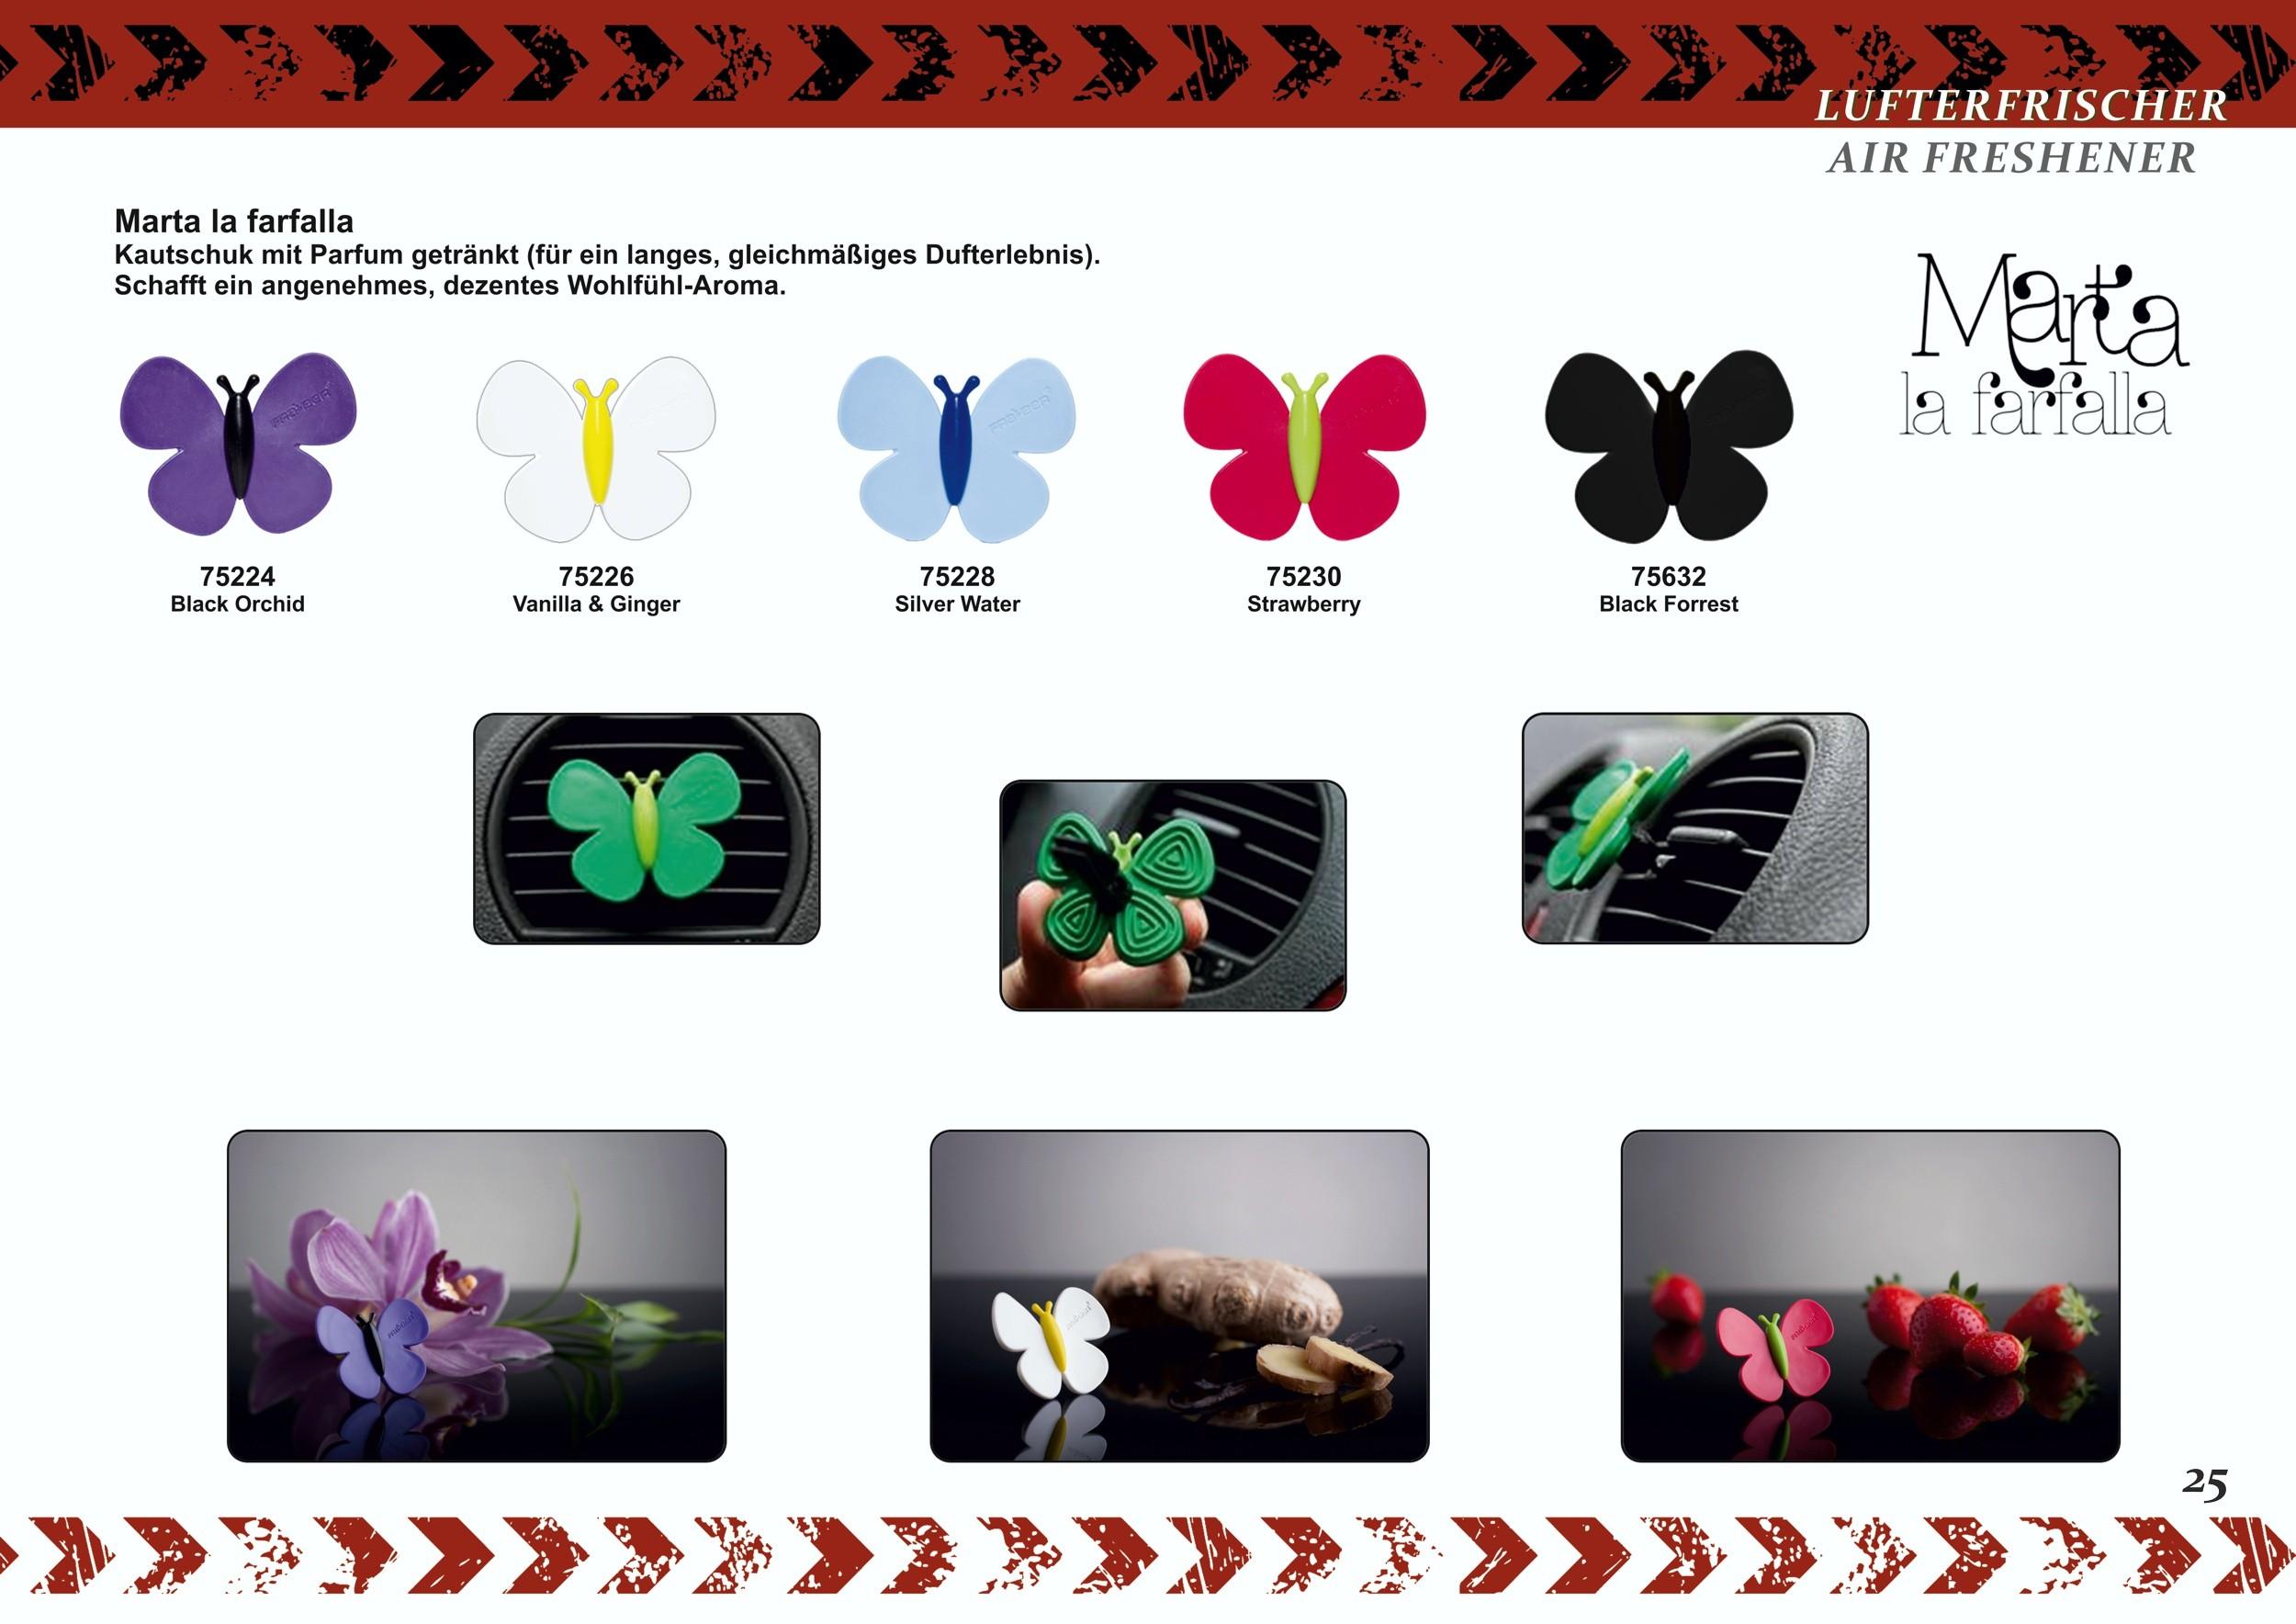 Marta la farfalla parfum d'ambiance odeur: black orchid – Bild 6